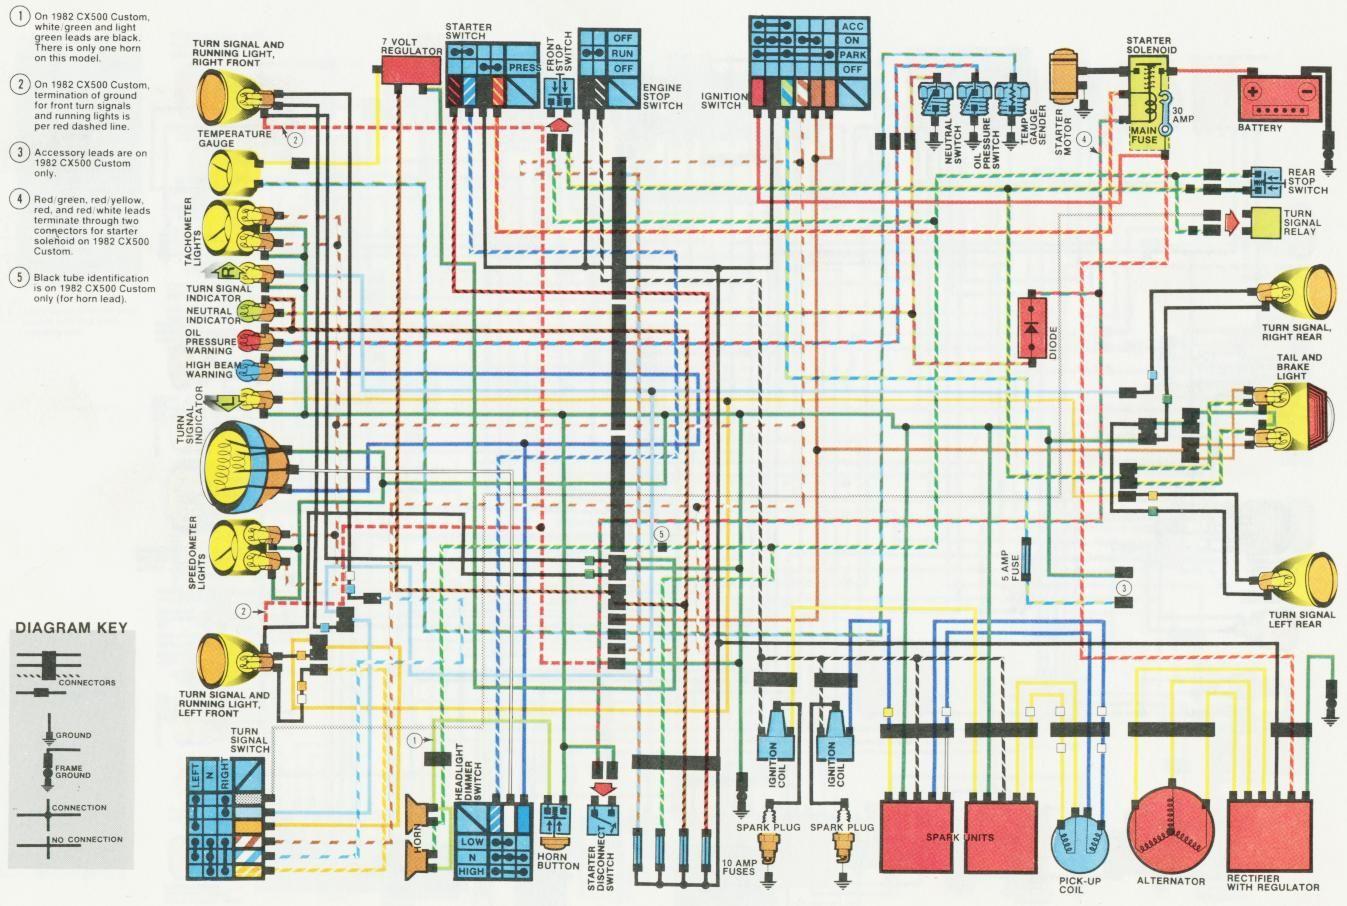 82 honda wiring 500 wiring diagram goldwing engine diagram 82 honda wiring  500 goldwing wiring library